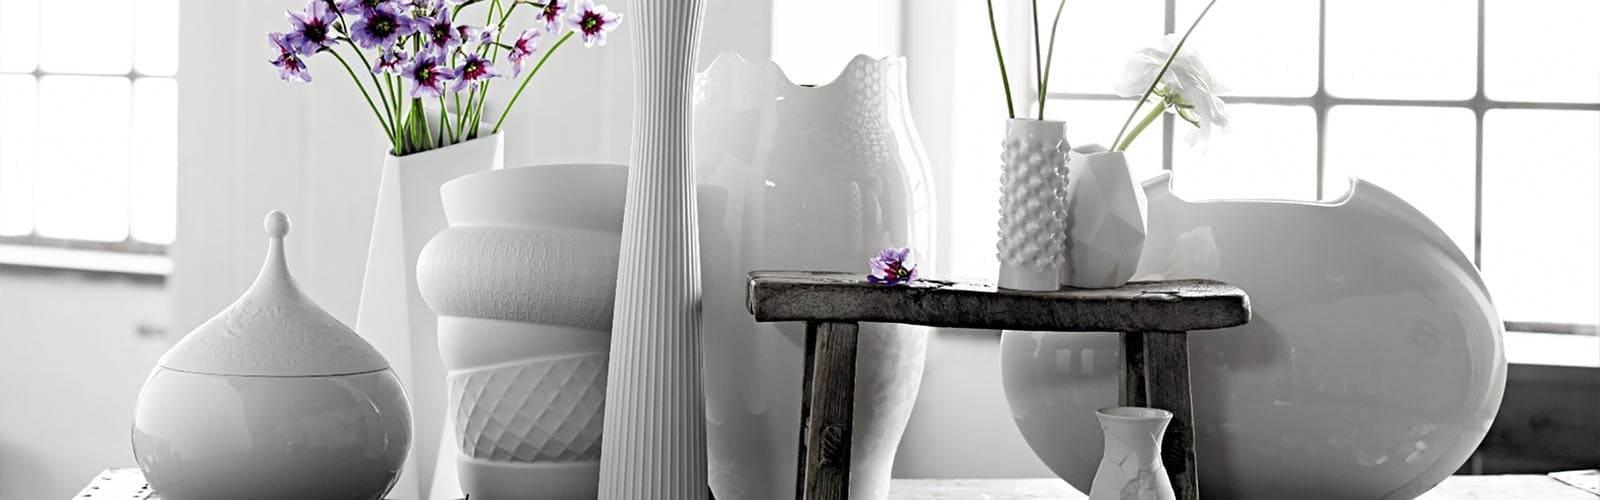 Rosenthal Studio-Line vasi design Liste nozze servizio porcellana Reggio Calabria sposi servizi regali